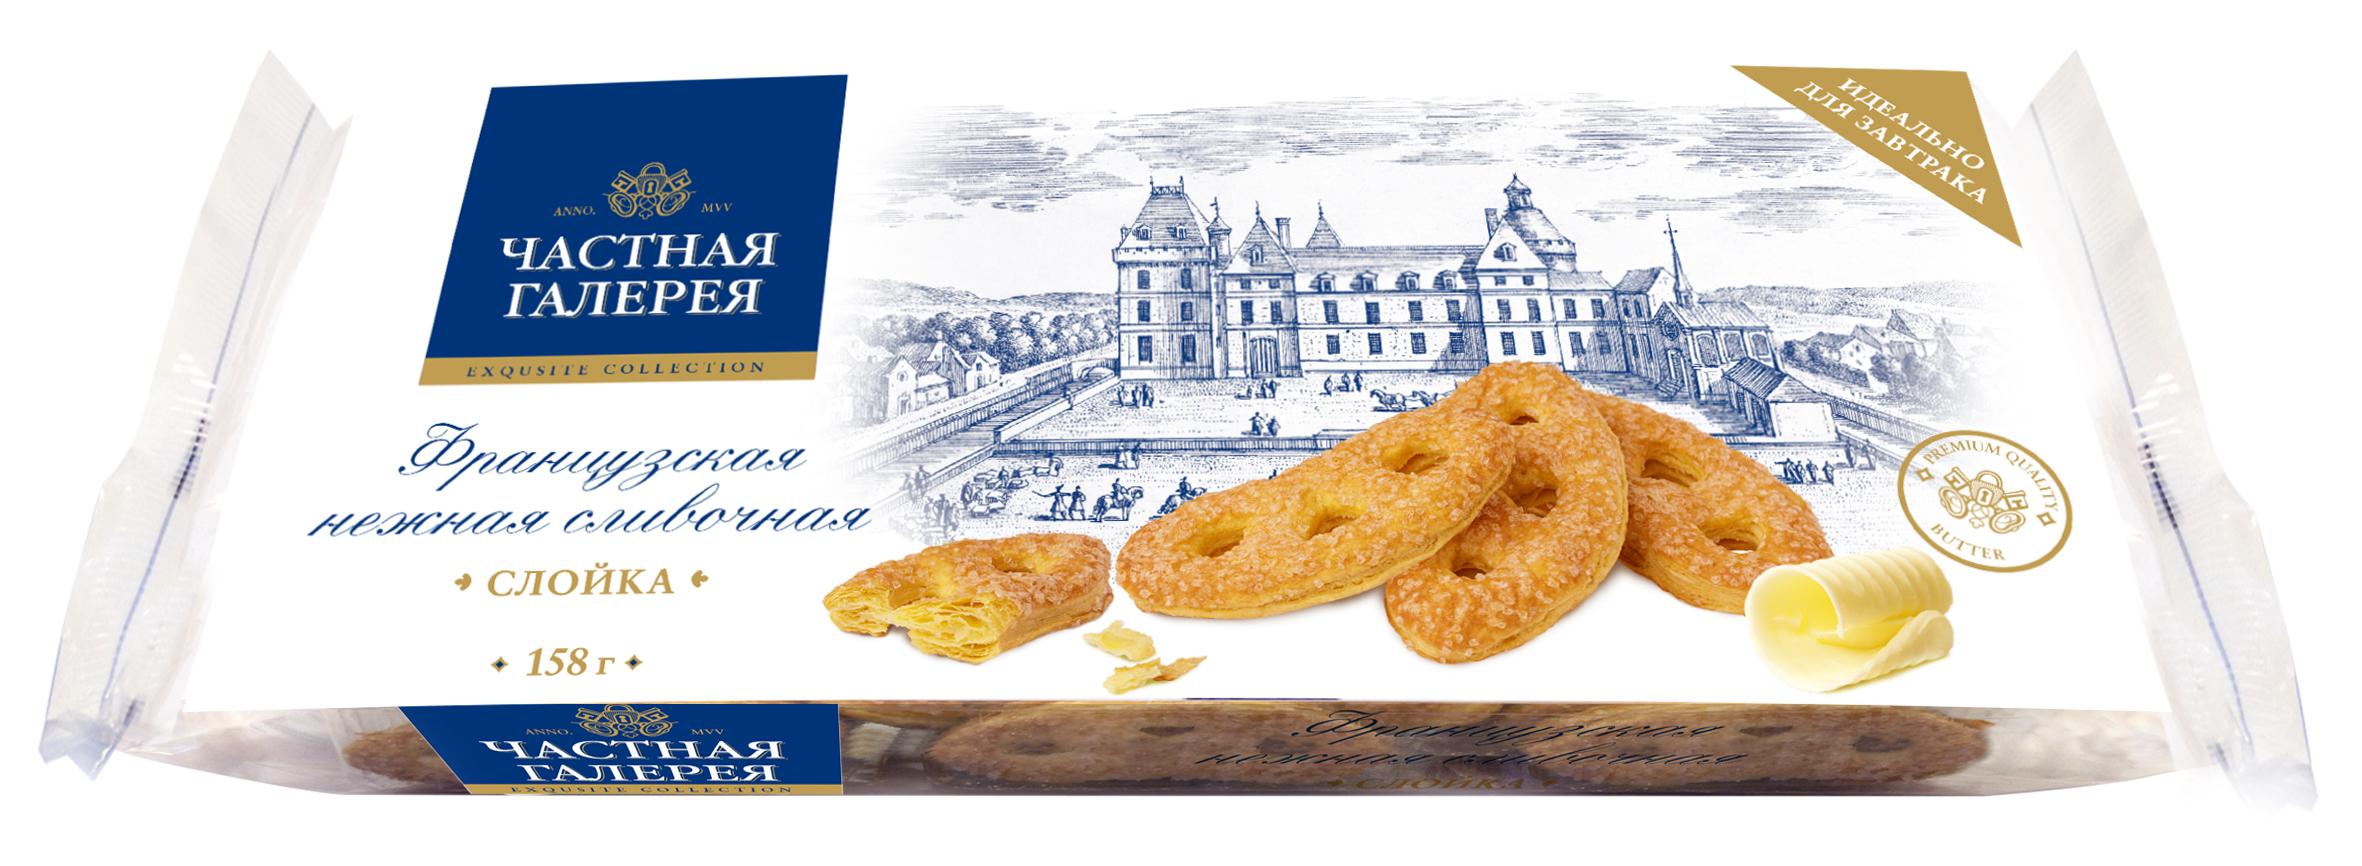 Печенье Частная Галерея французская нежная сливочная слойка 158 г